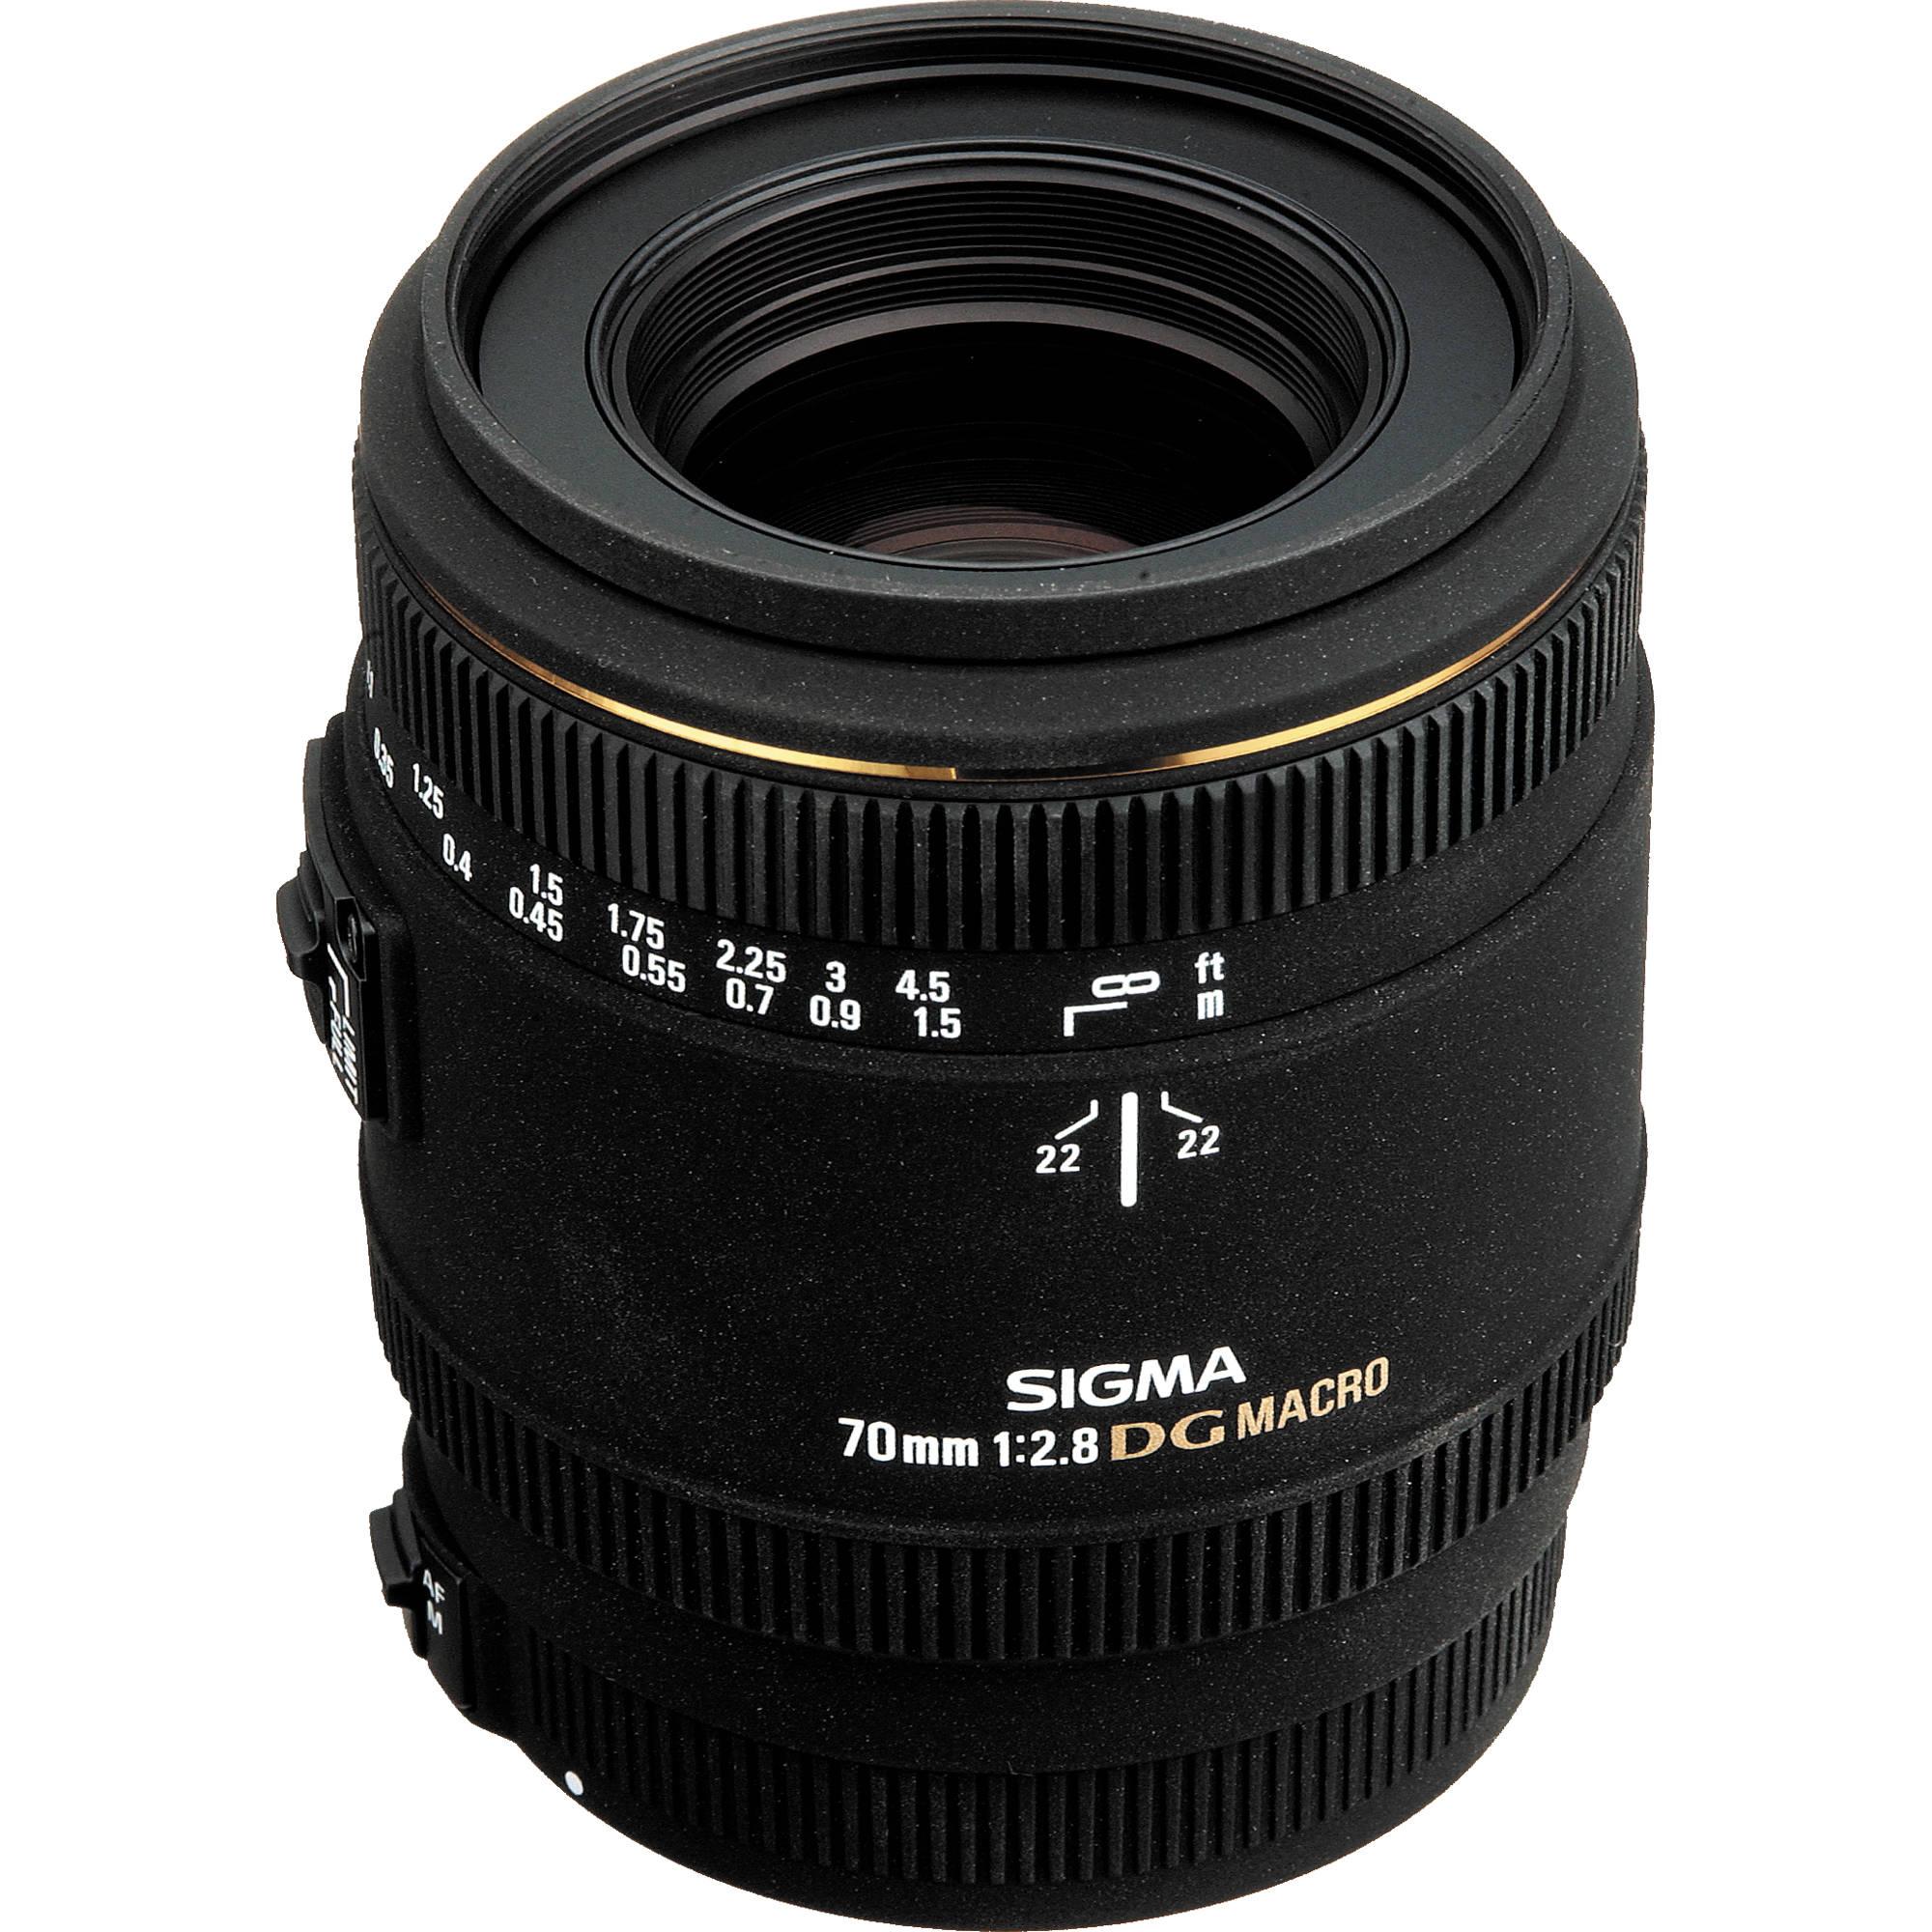 sigma 70mm f 2 8 ex dg macro af lens for nikon af 270306 b h. Black Bedroom Furniture Sets. Home Design Ideas